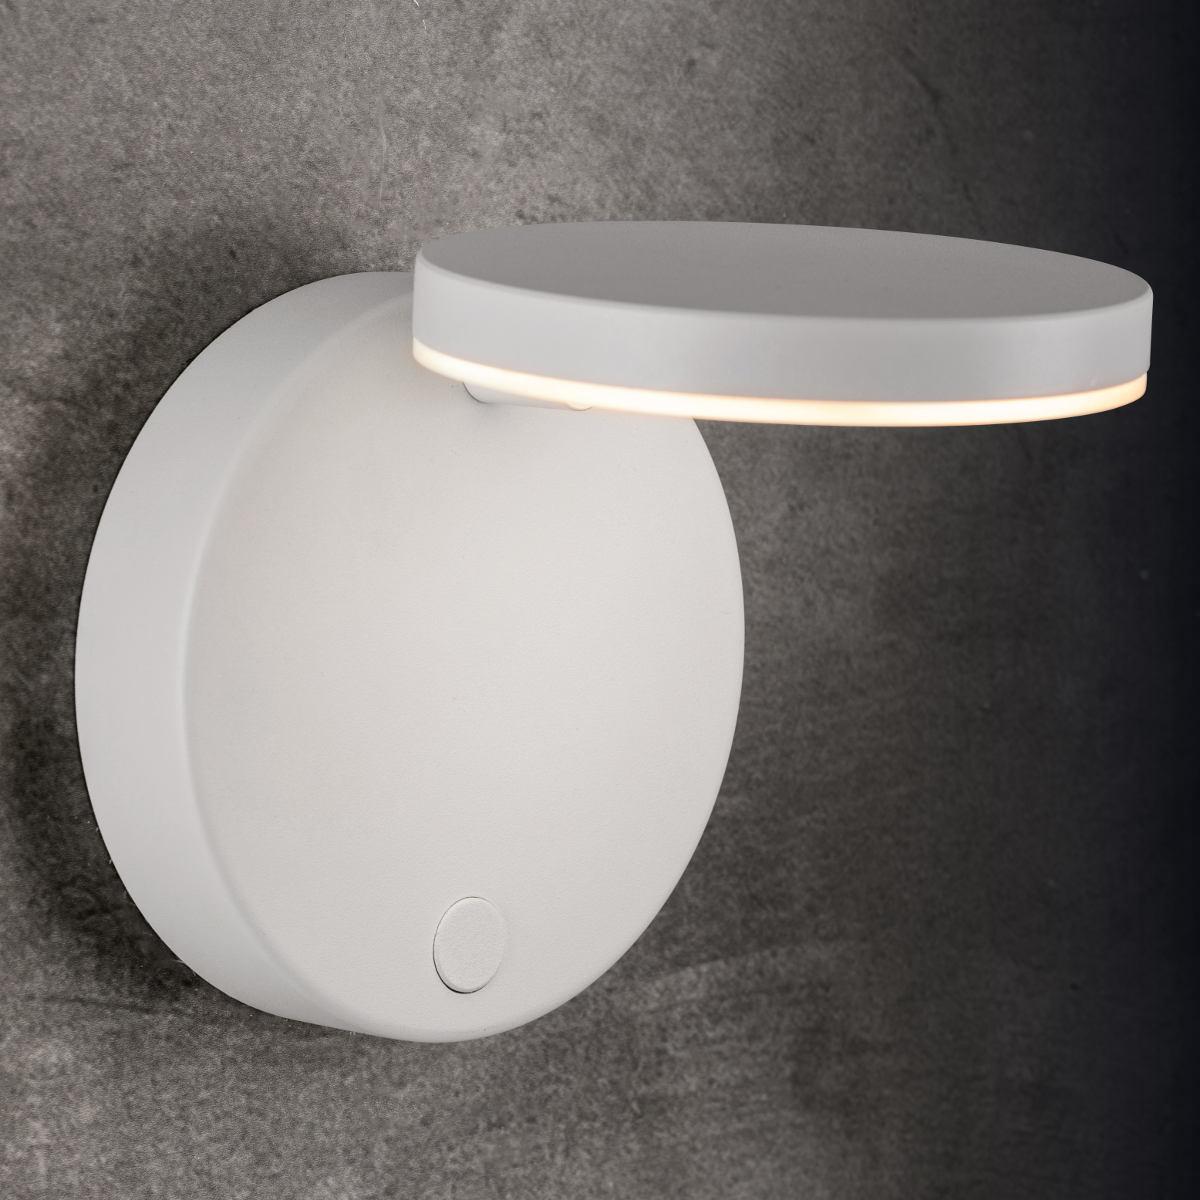 adjustable minimalist led wall light